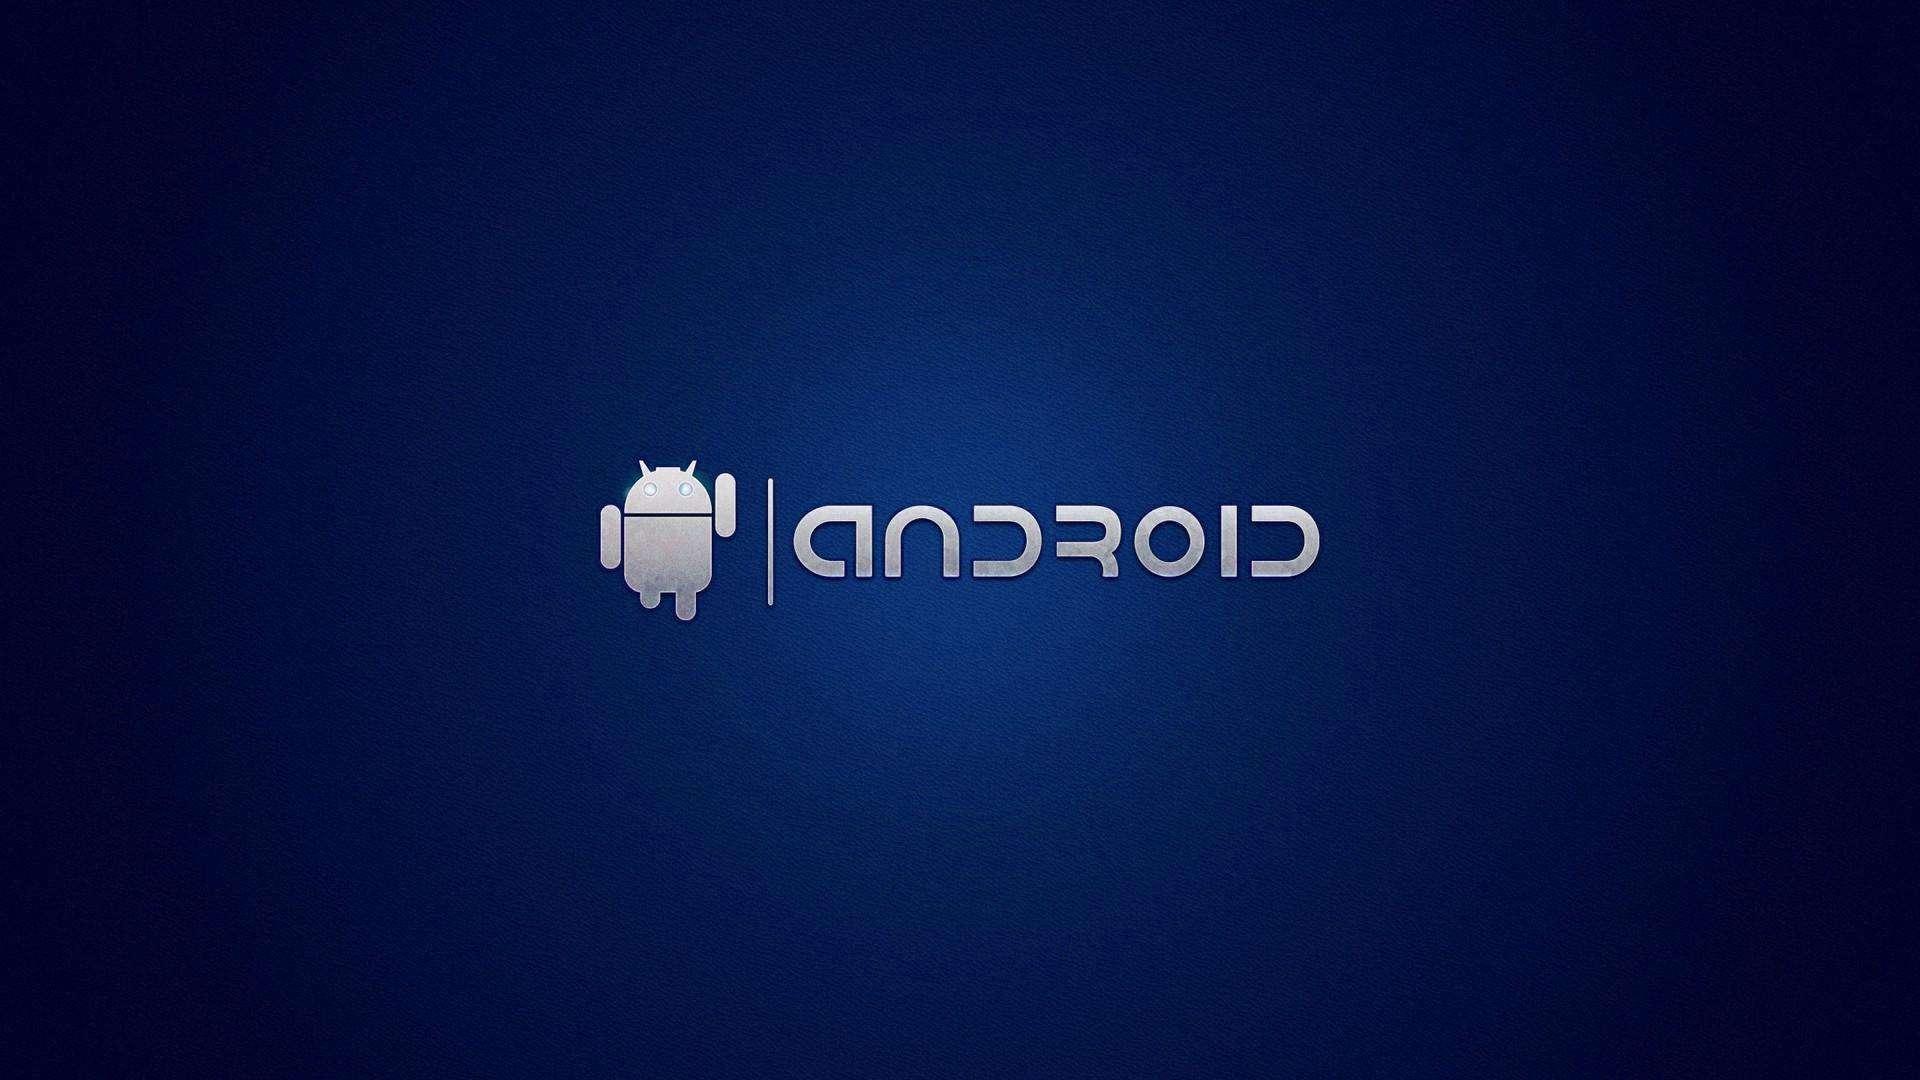 谷歌宣布推迟6月3日发布Android 11 Beta